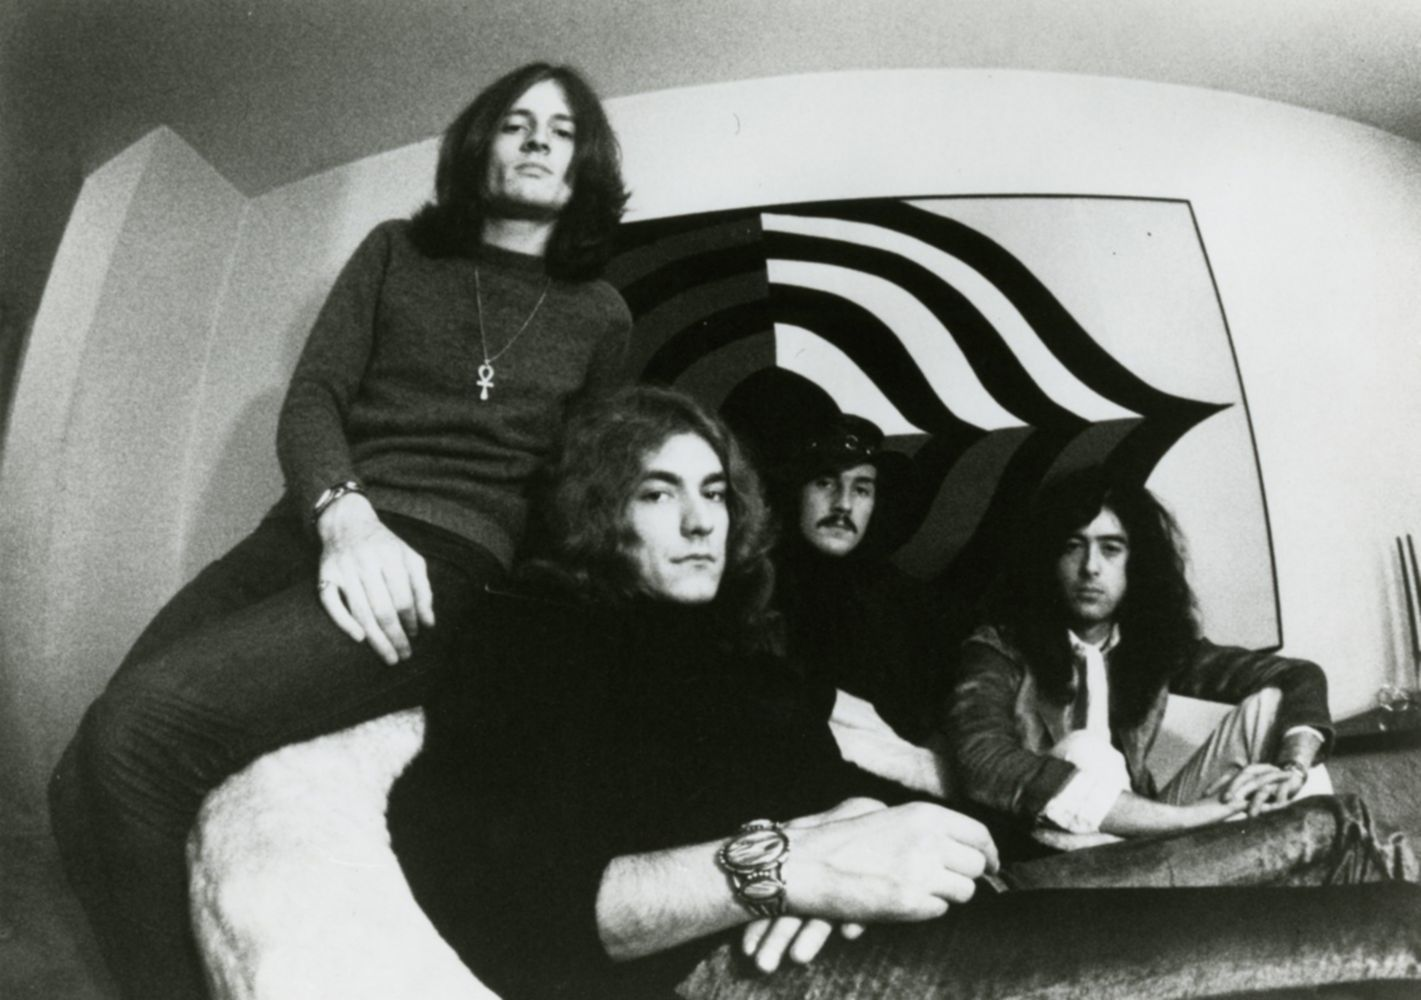 Led_Zeppelin_Led_Zeppelin_1969_bw4 press